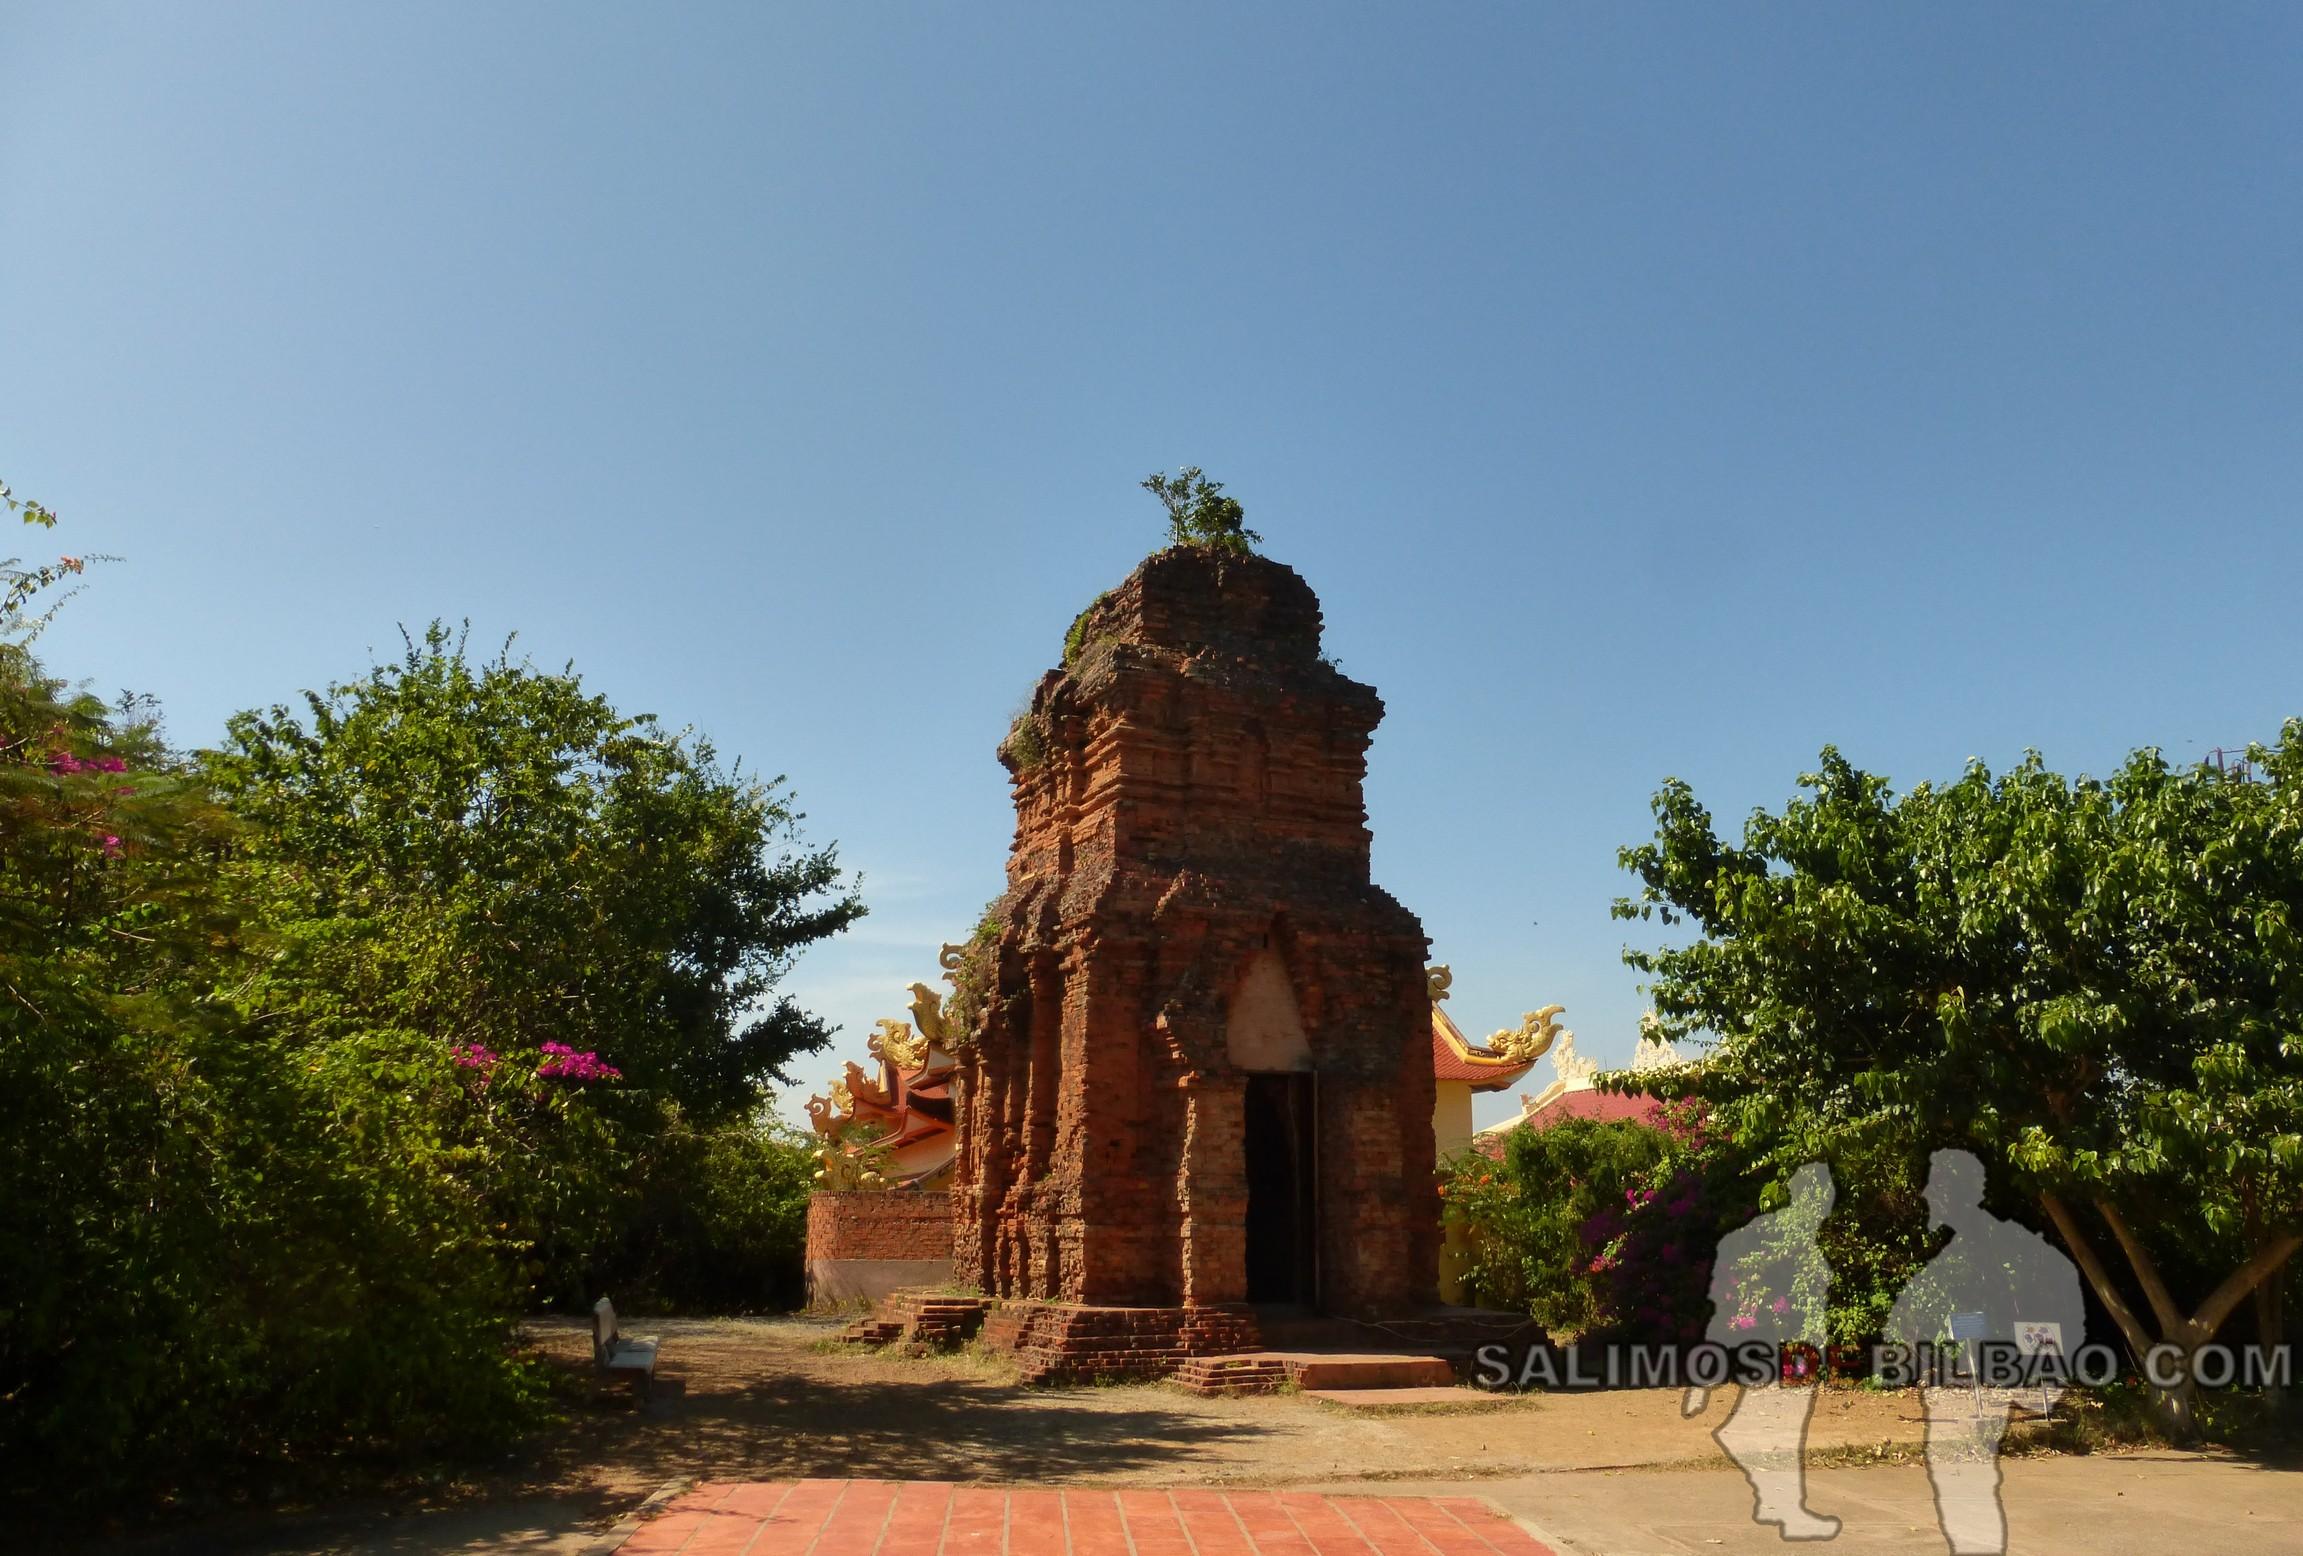 1302. Ruinas Po Sah Inu, Phan Thiet